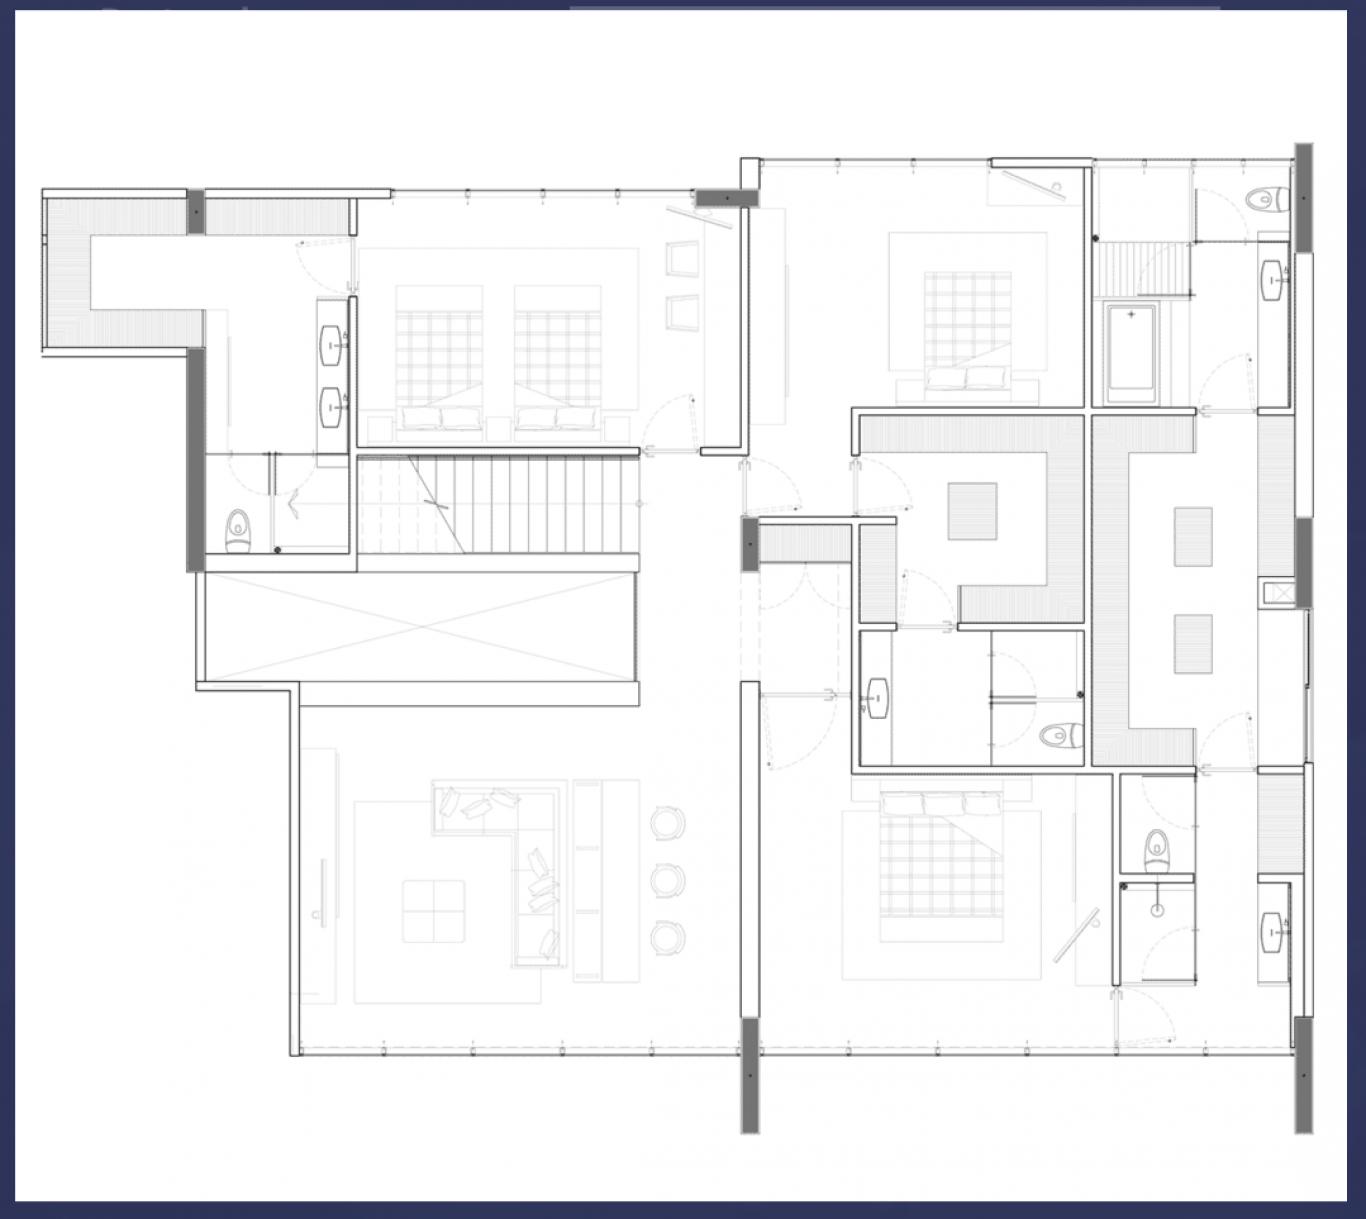 Club residencial bosques, id 1472095, no 1, plano de pentgarden tipo 3, 13